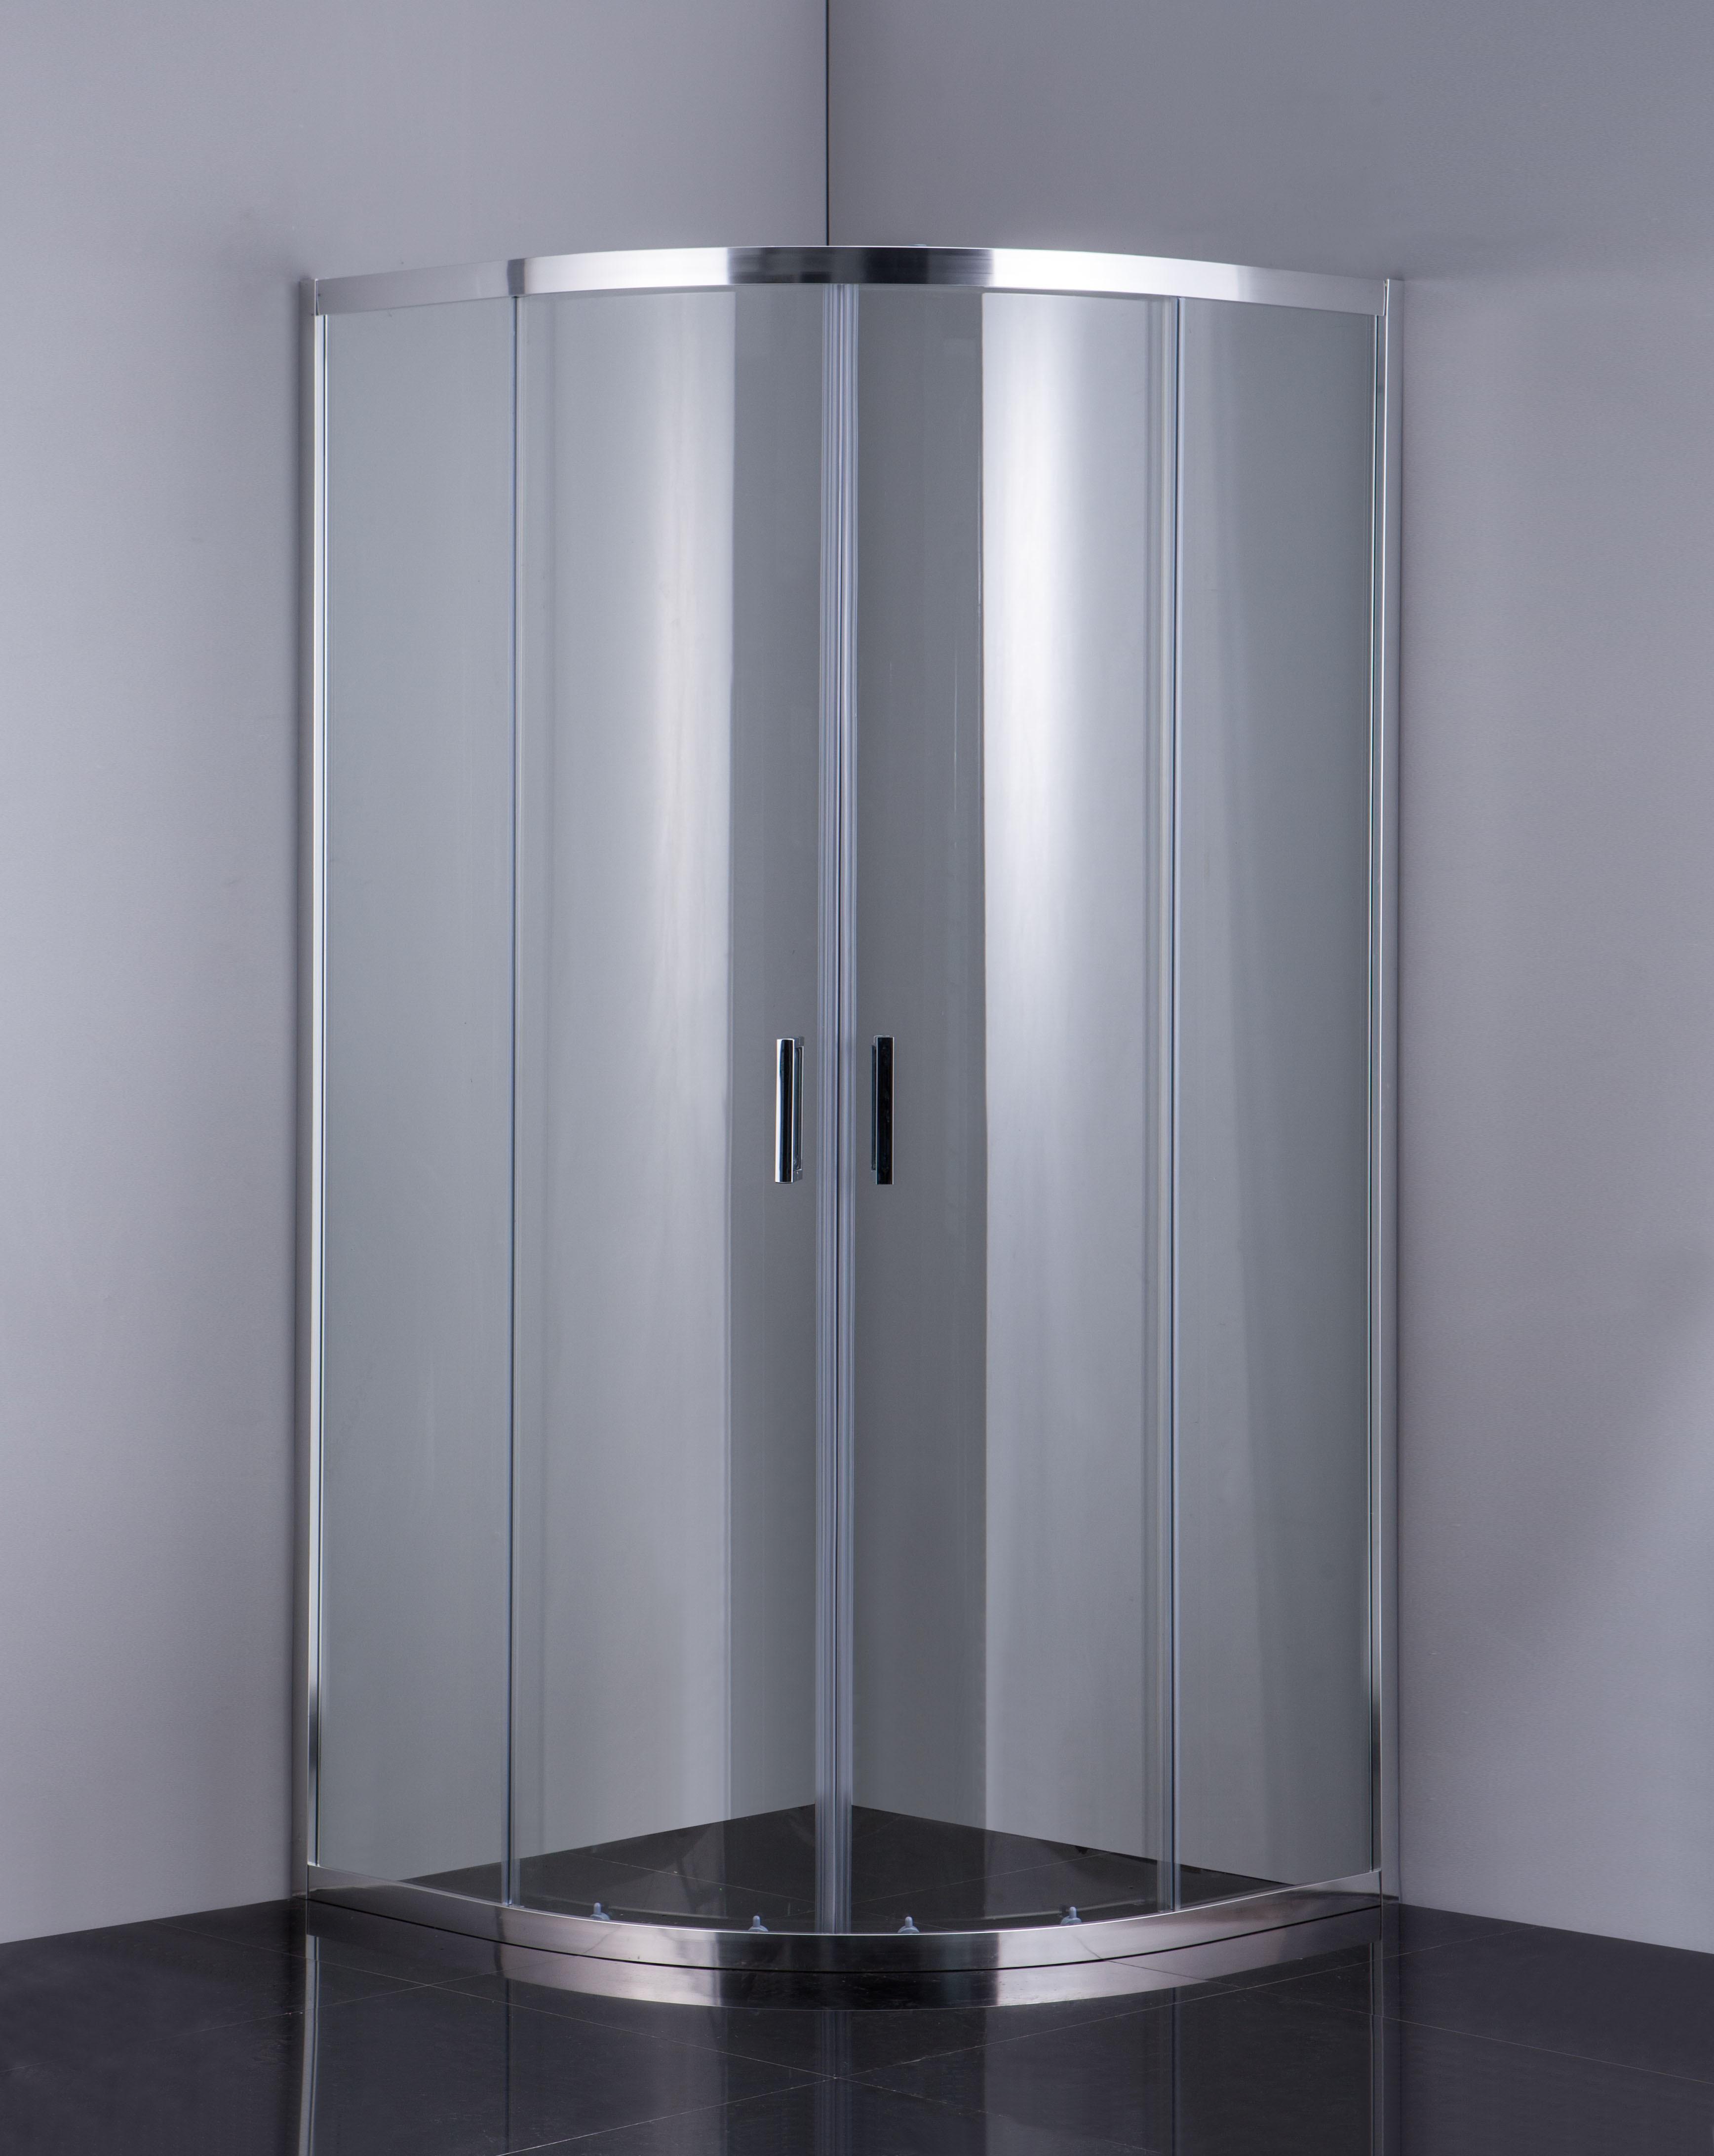 HOPA - Sprchový kout BARCELONA PLUS - Barva rámu zástěny - Hliník chrom, Hloubka - 90 cm, Provedení - Univerzální, Šíře - 90 cm, Výplň - Čiré bezpečnostní sklo - 5 / 6 mm (OLBPAL90CCBV)